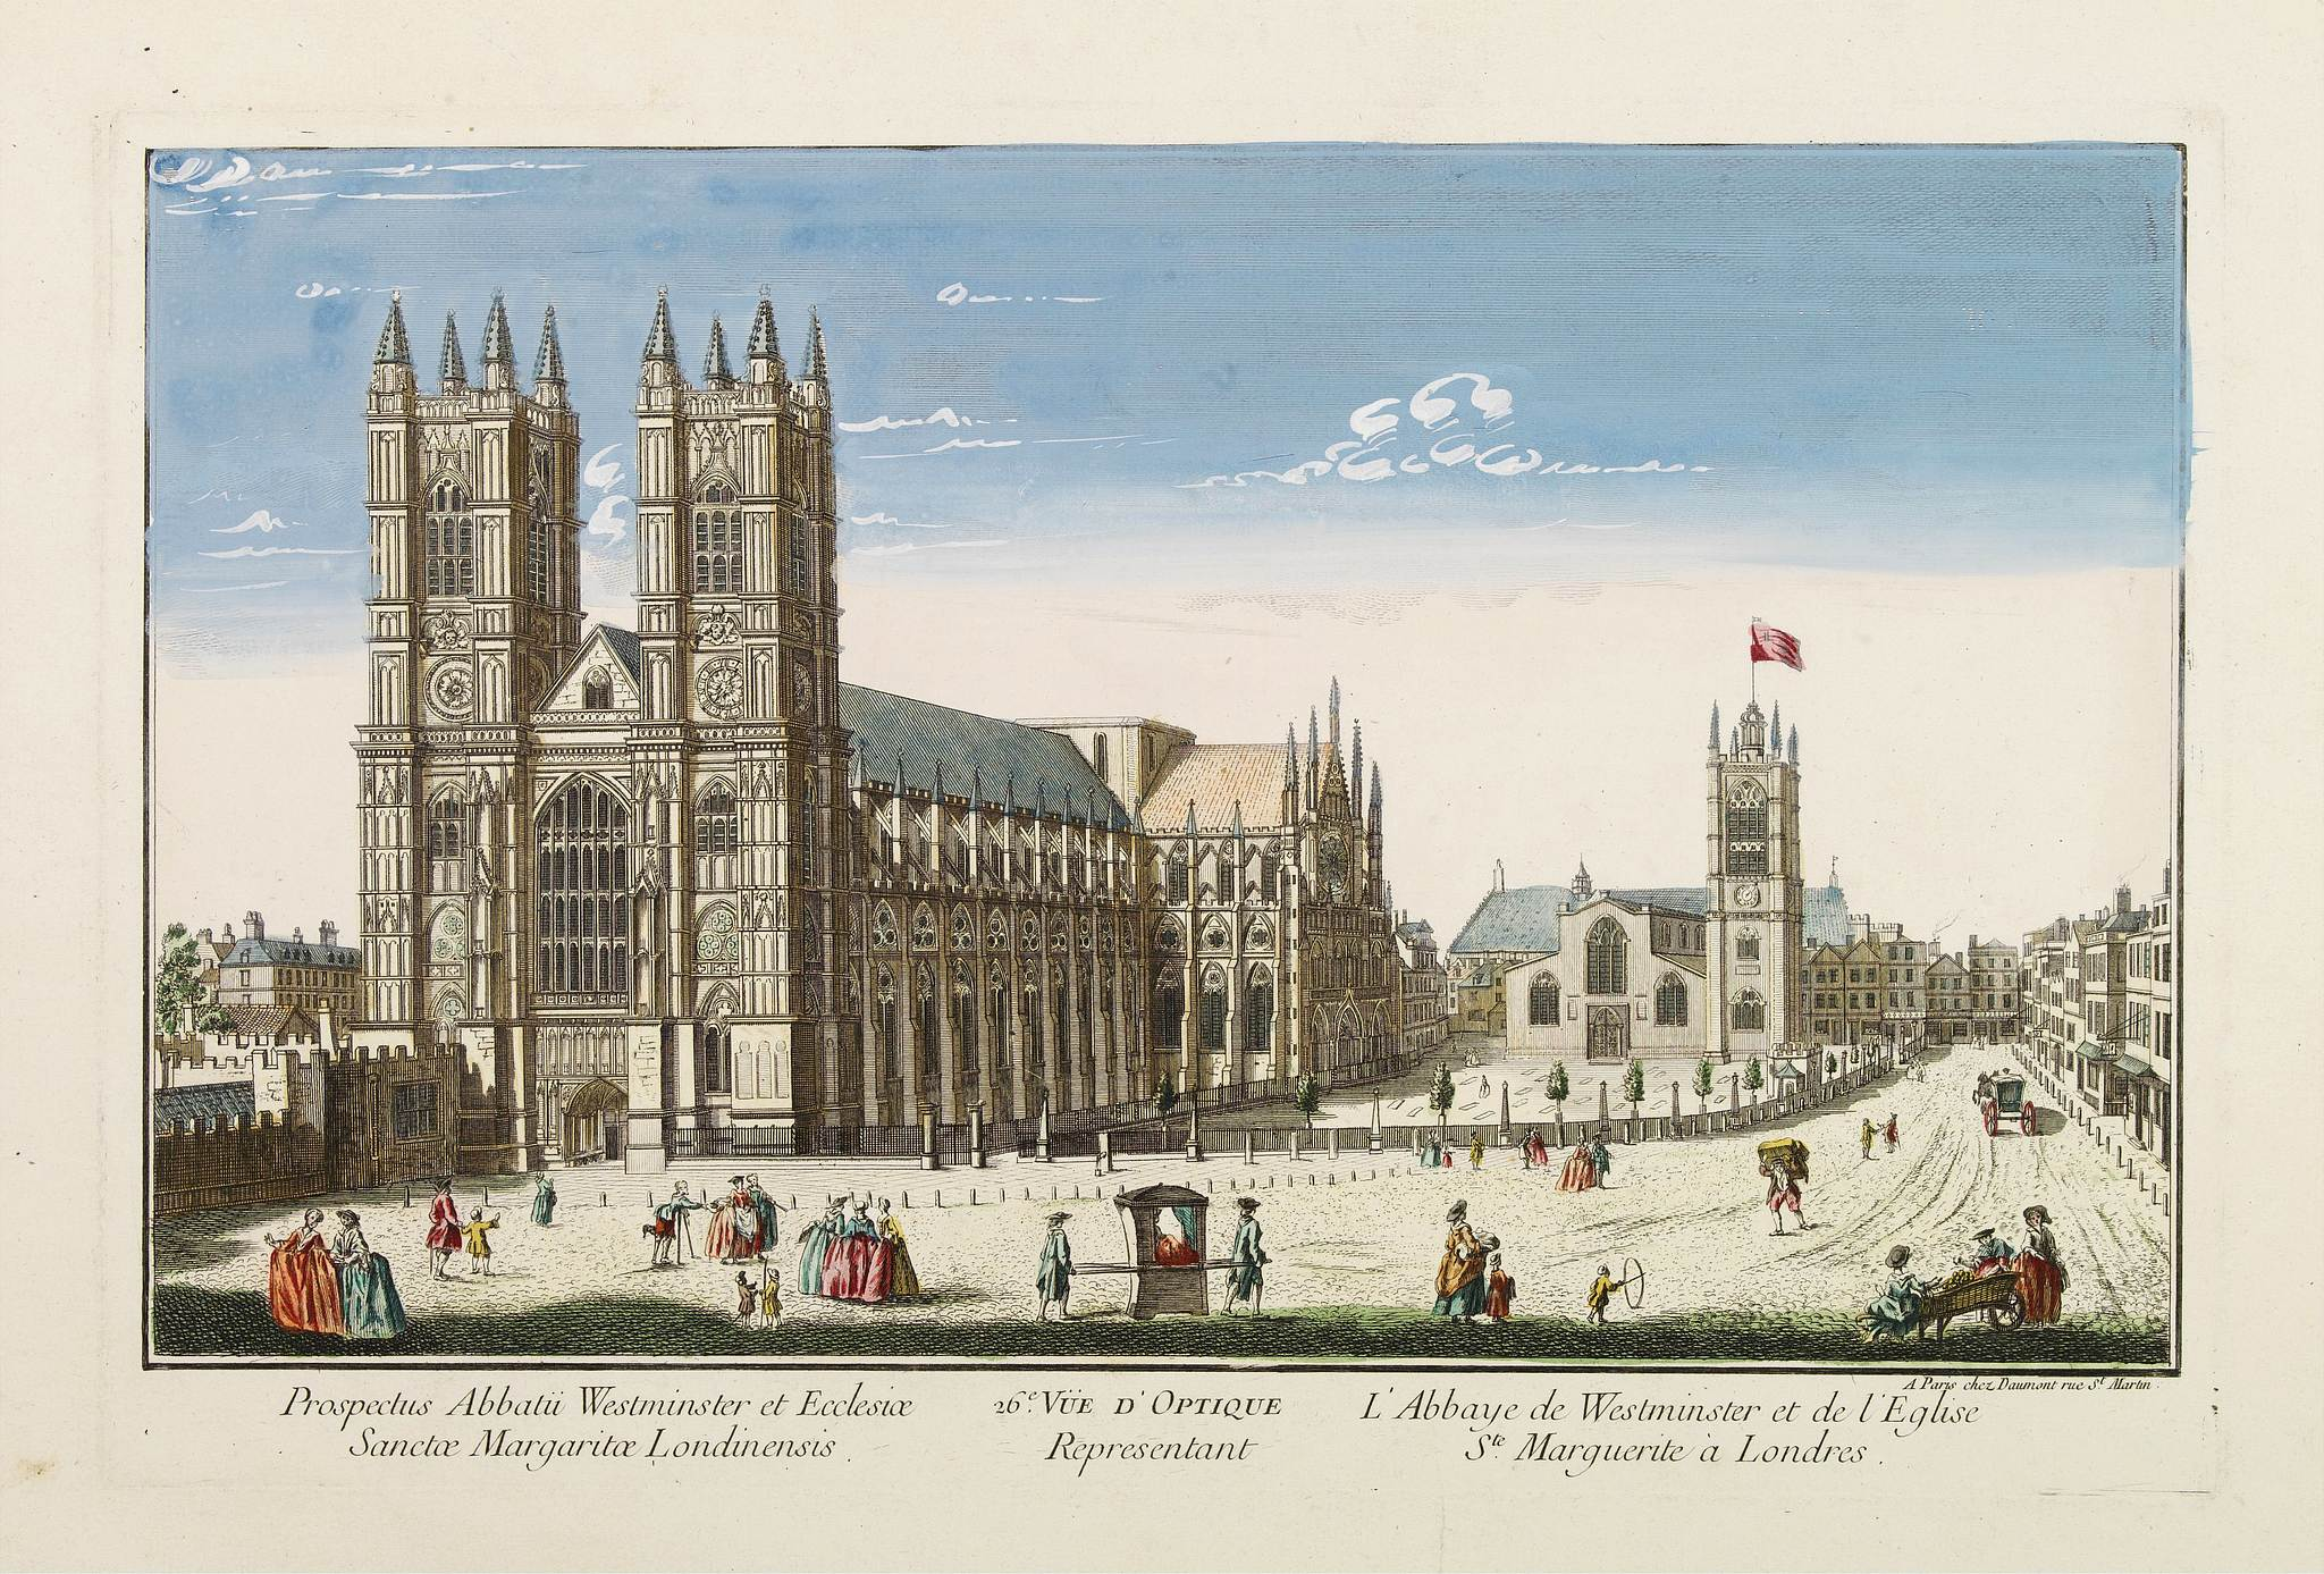 DAUMONT -  26e Vüe d'Optique Representant L'Abbaye de Westminster et de l'Eglise Ste. Marguerite à Londres.